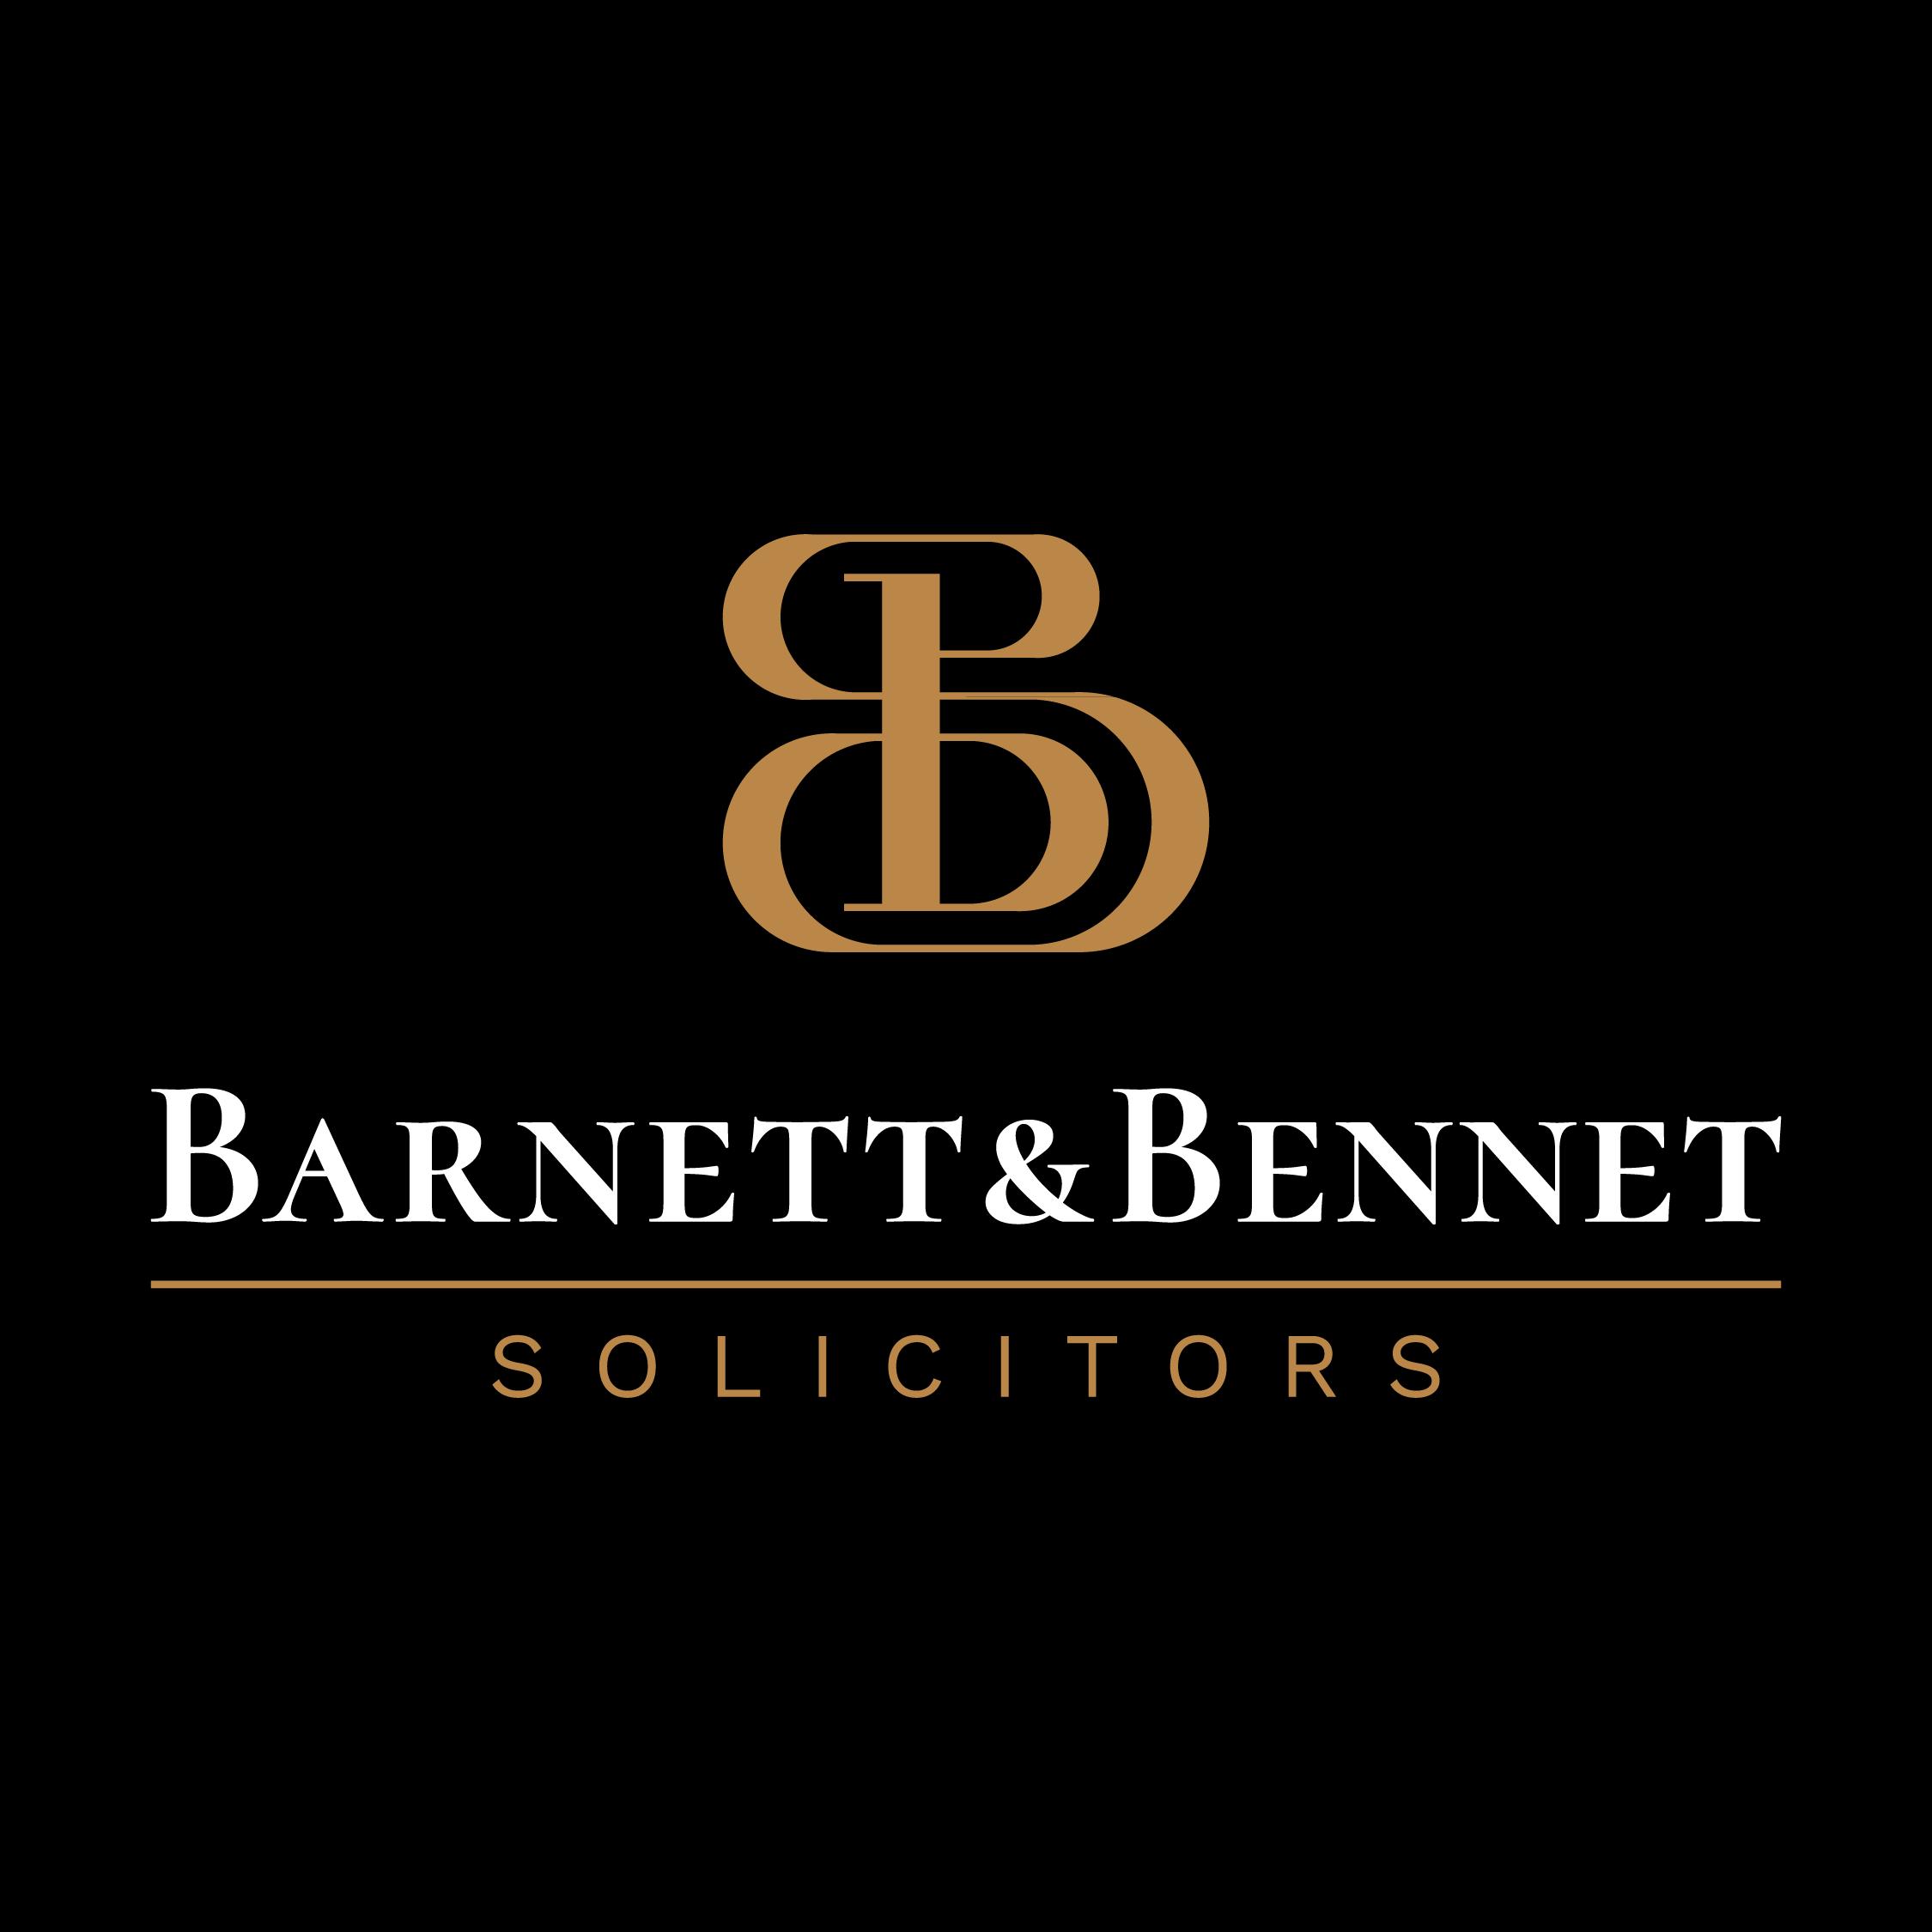 Logo design thumbnail for Burnett & Bennett Solicitors